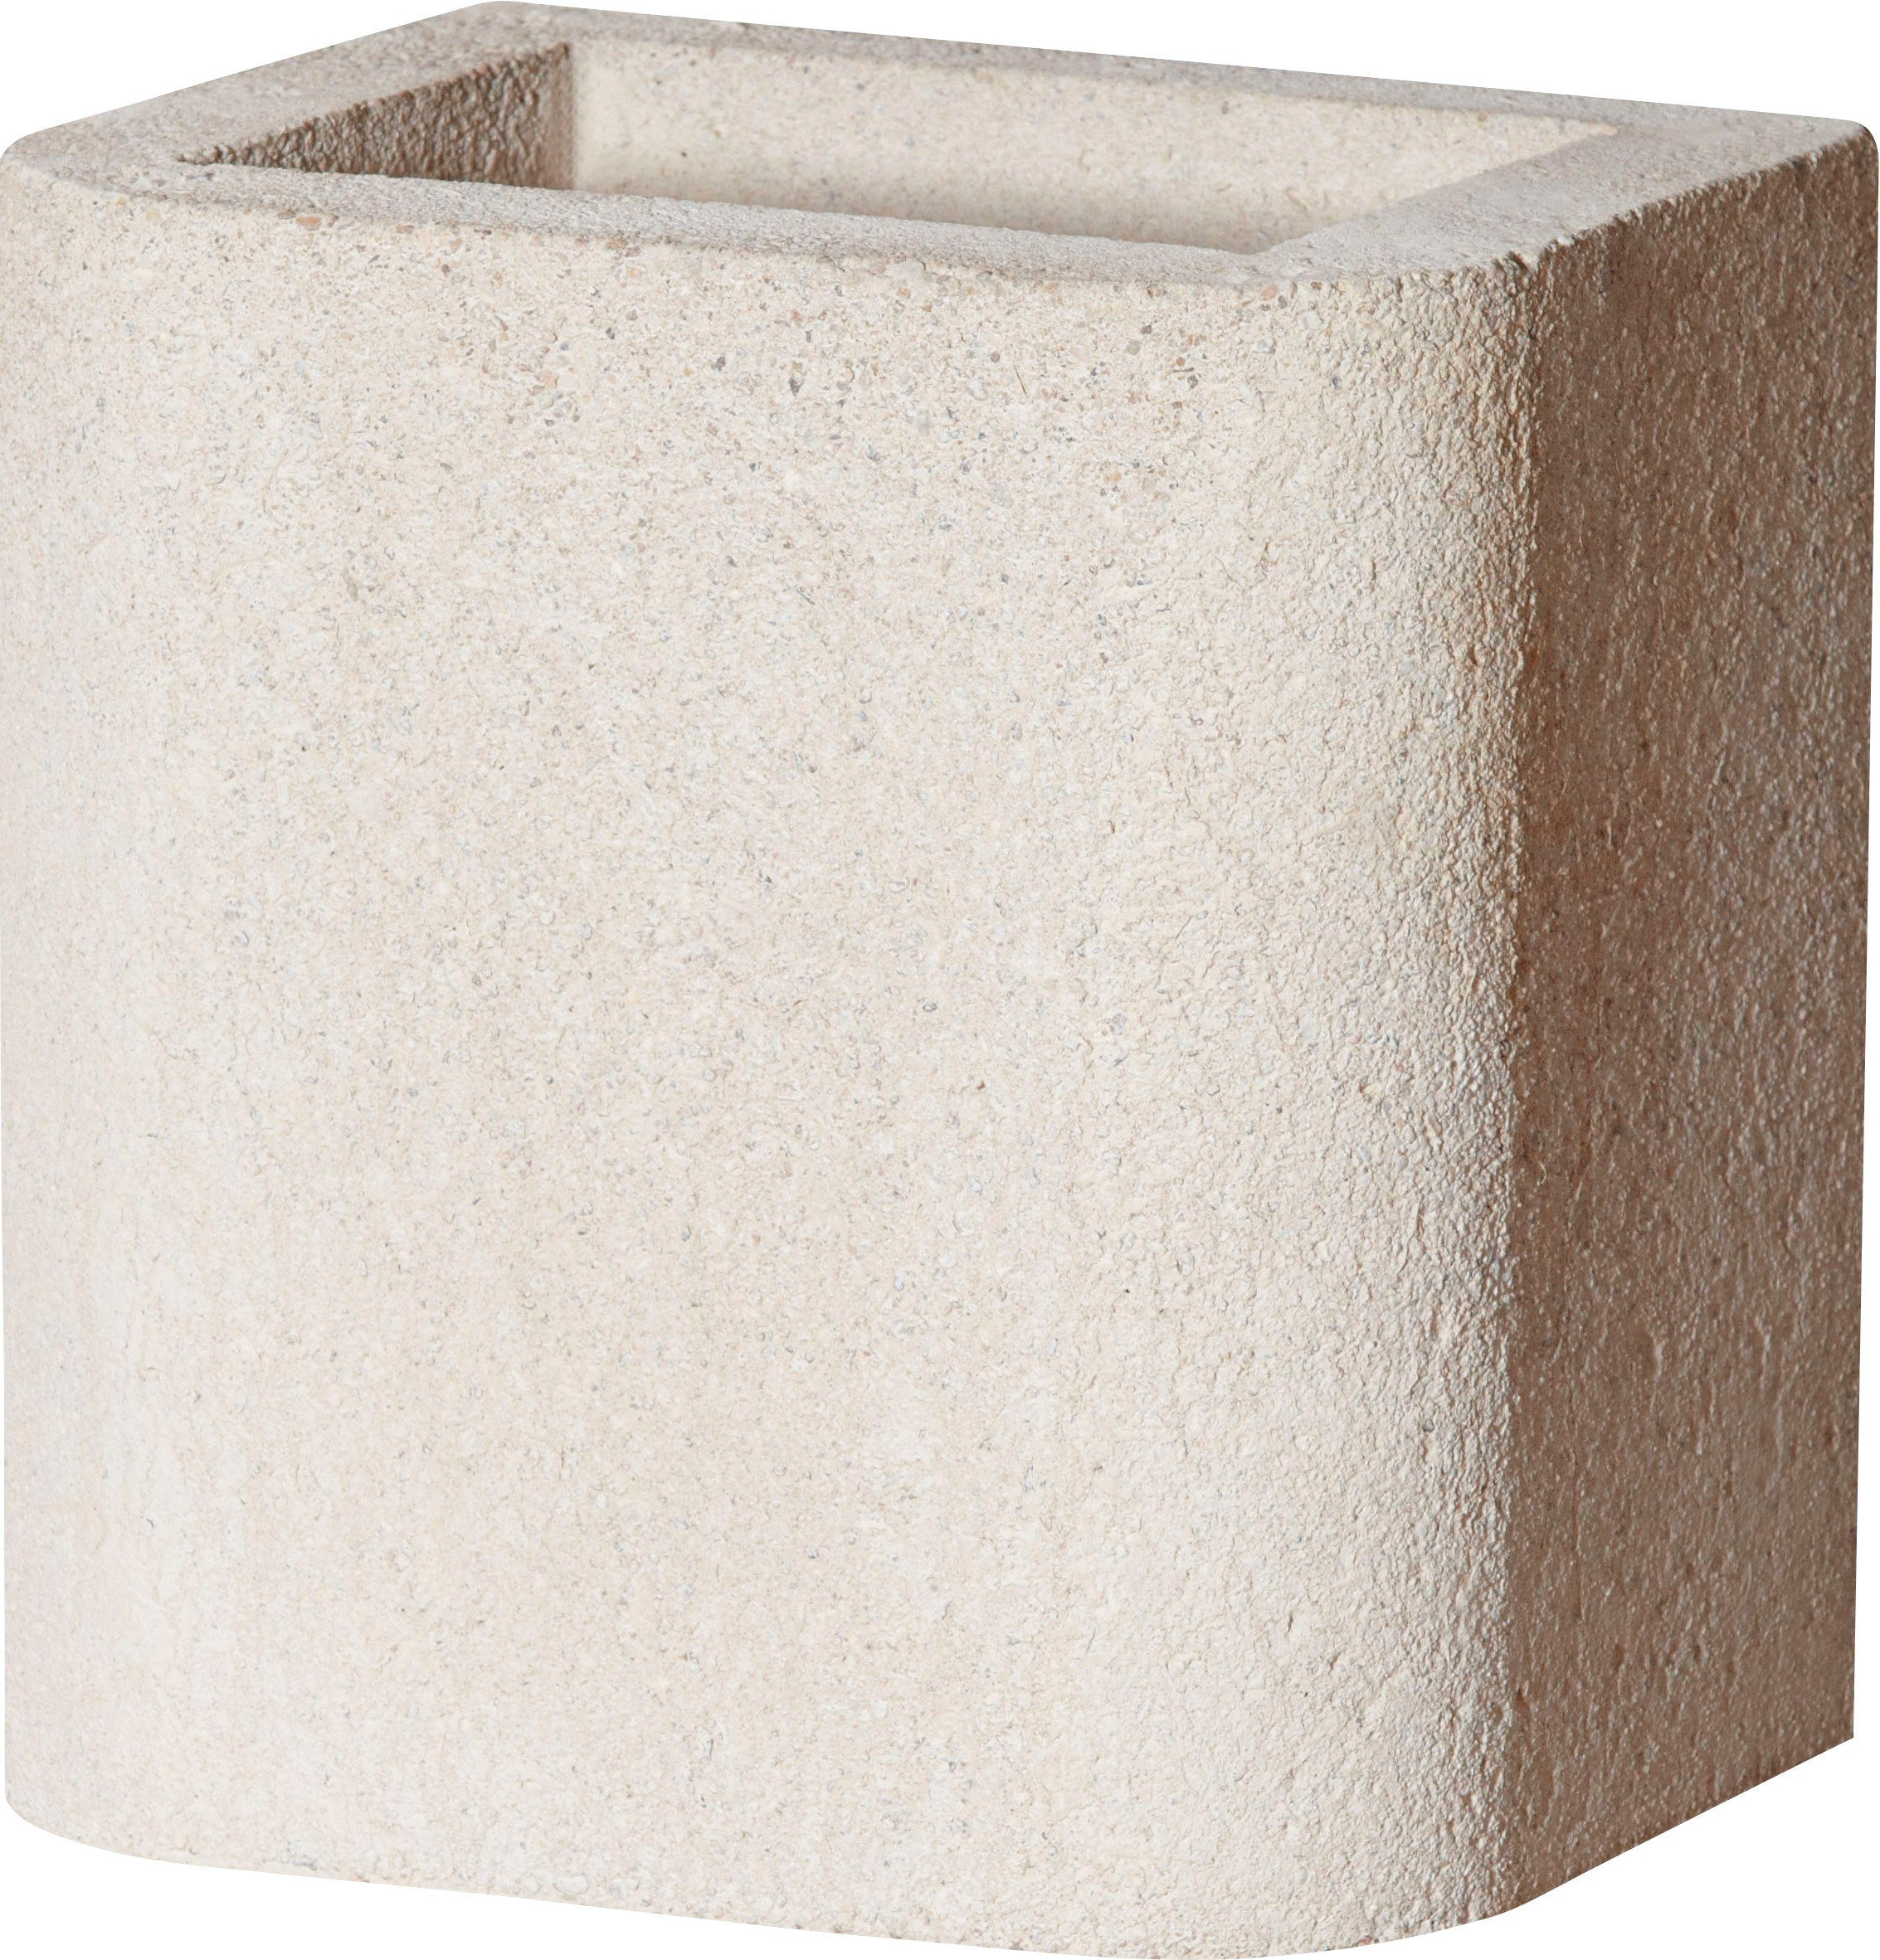 BUSCHBECK Kaminverlängerung »Standard«, für BUSCHBECK Gartengrillkamine, B/T/H: 27/33/34 cm, weiß